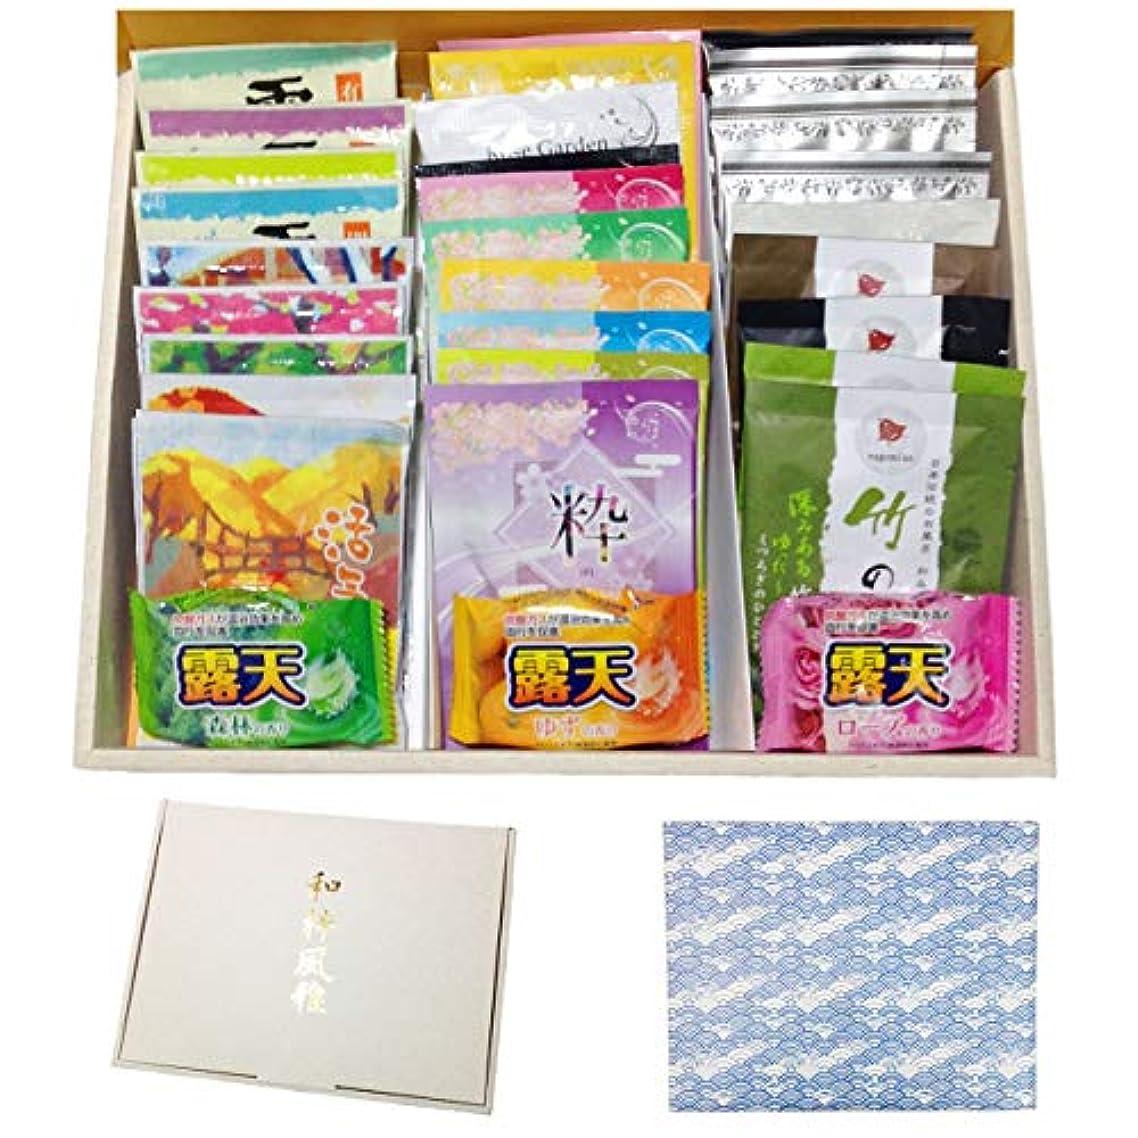 租界日焼けさらに入浴剤 ギフト セット 日本製 温泉 炭酸 つめあわせ バスギフト プレゼント 30種類/50種類 (30個30種類)